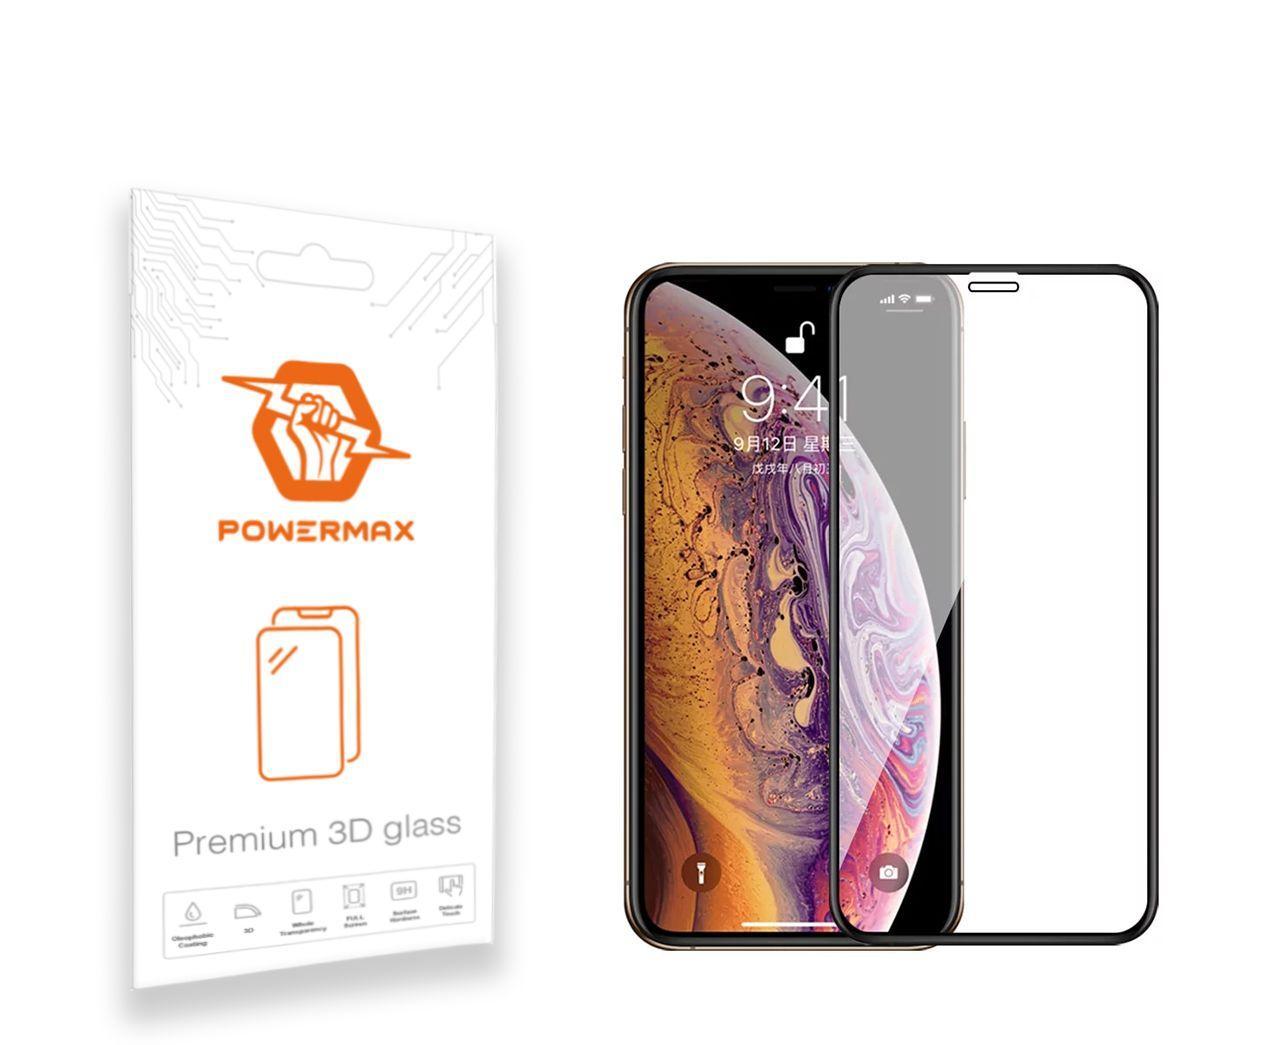 Защитное стекло Powermax 3D Premium Apple iPhone X, iPhone XS, iPhone 11 Pro Black (PWRMX3DIPHXB)